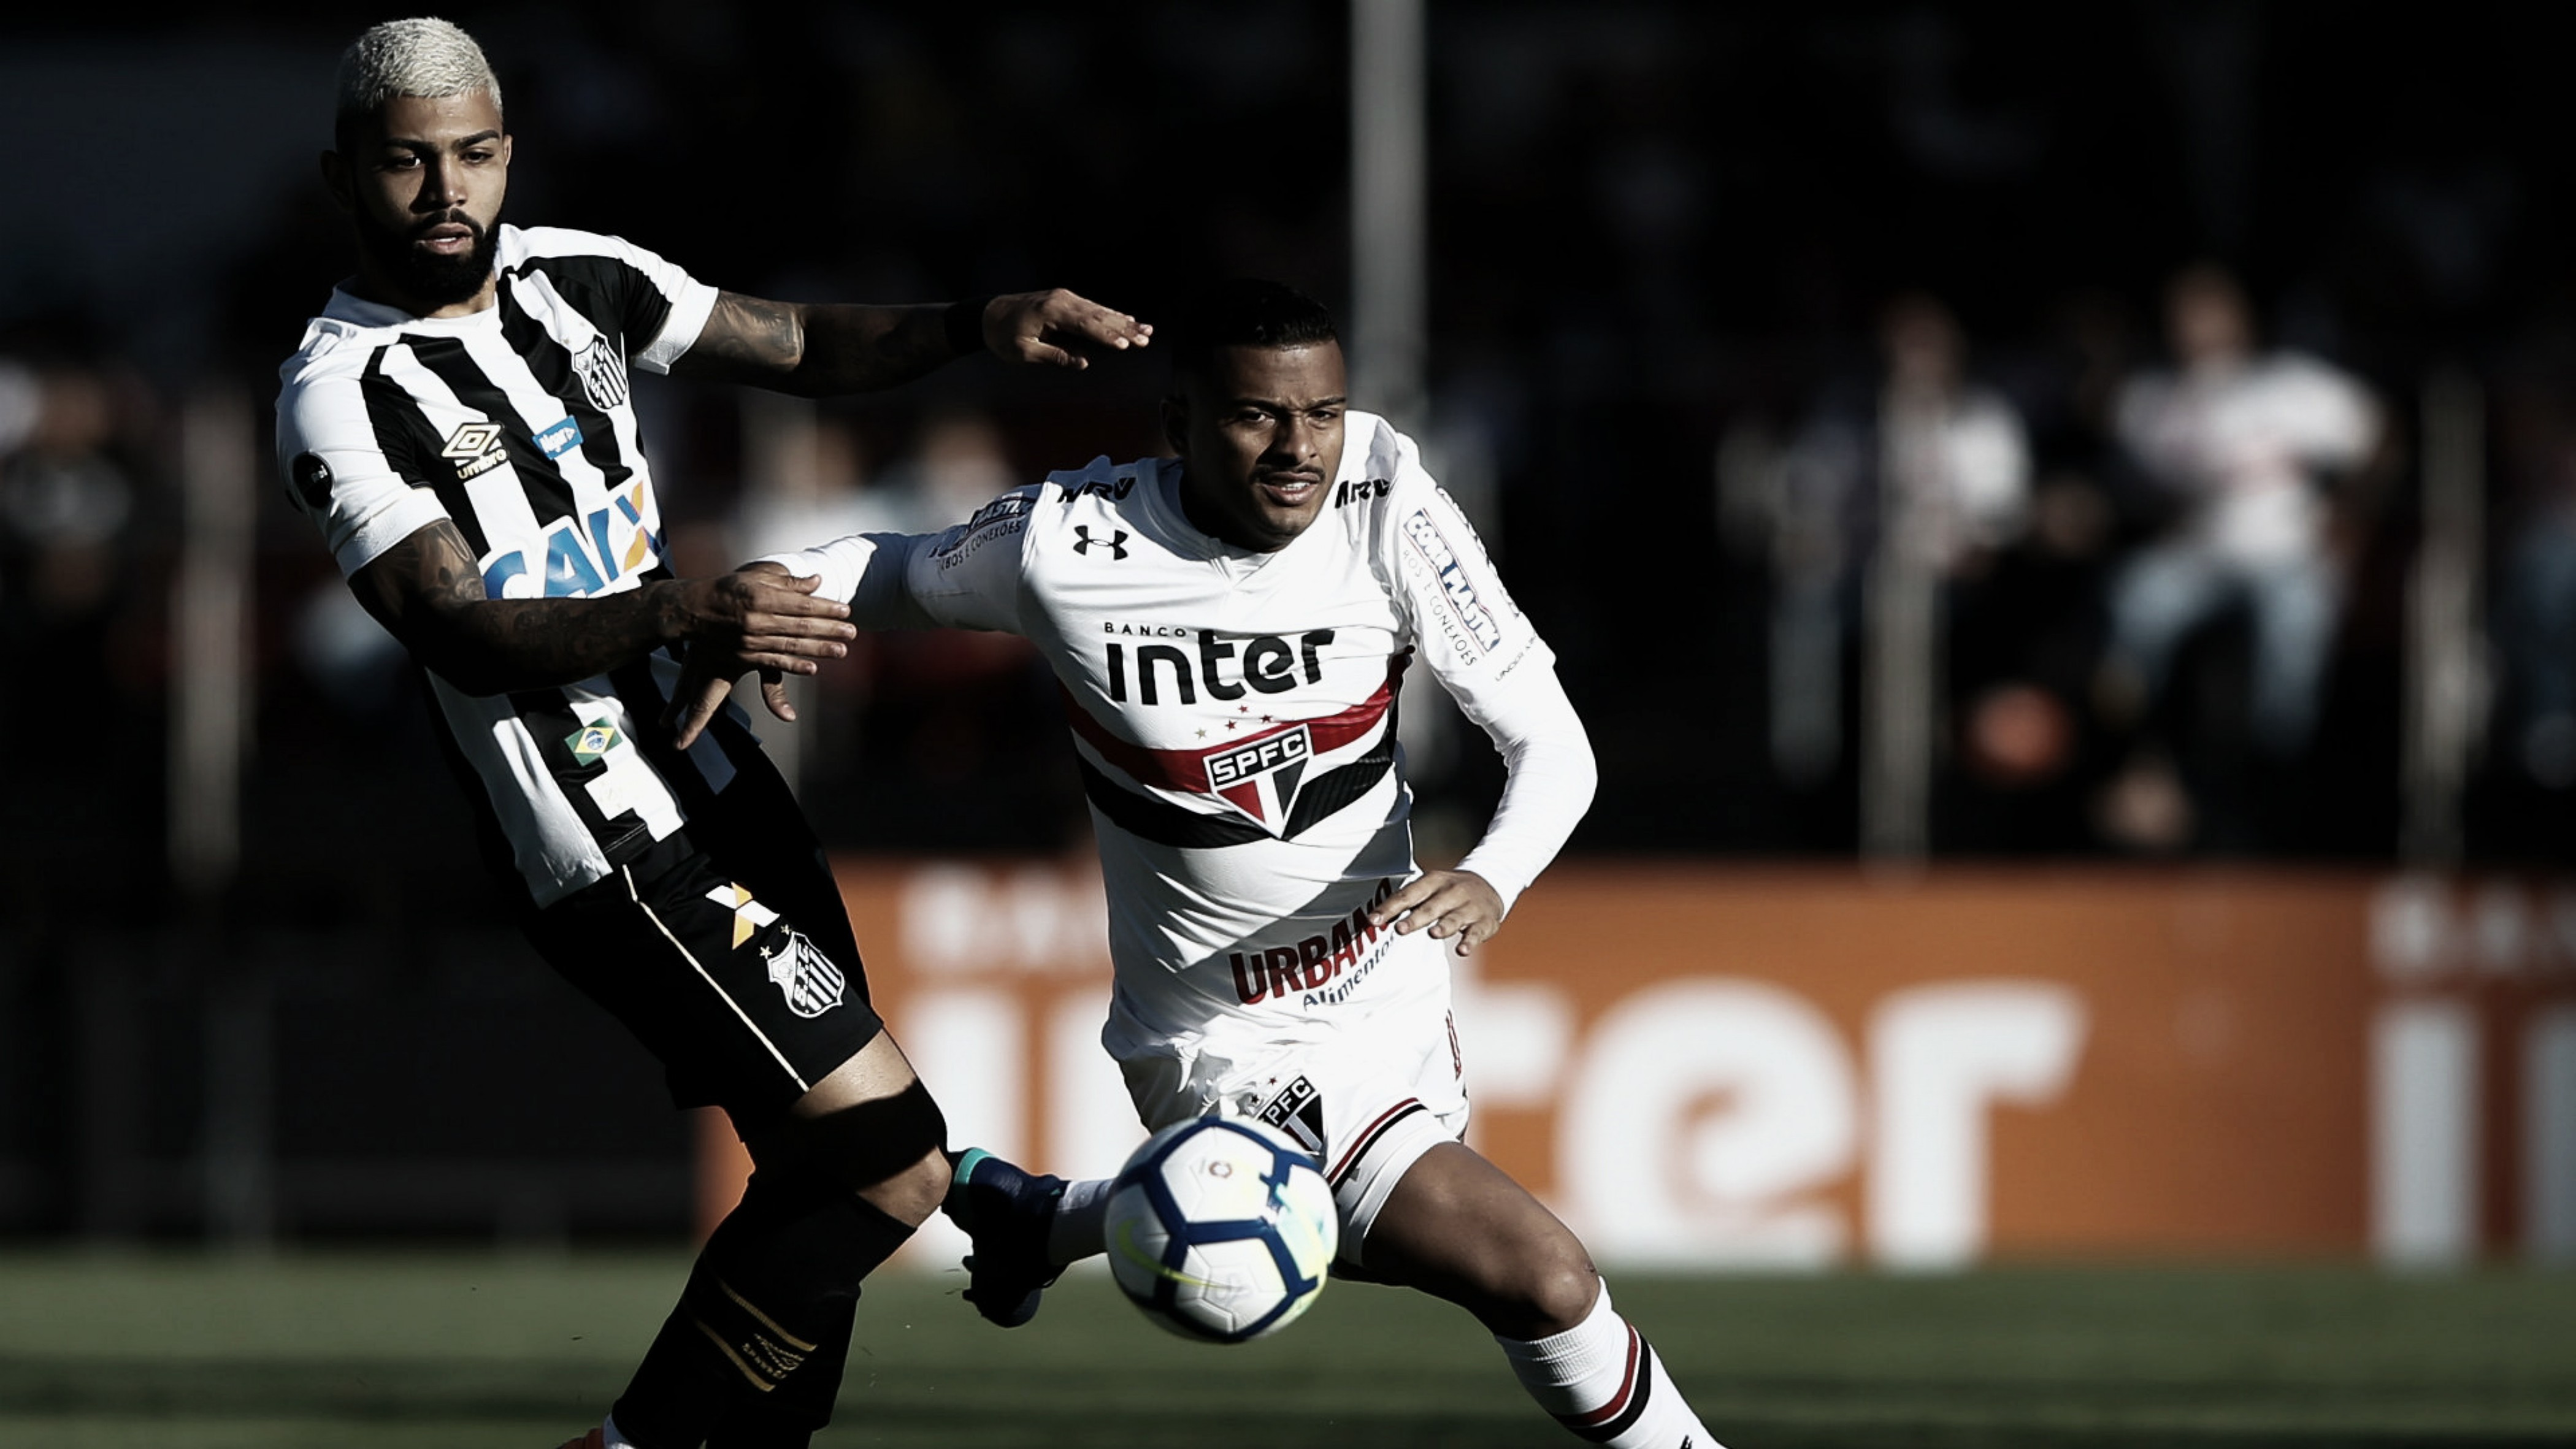 Campeonato Brasileiro: tudo que você precisa saber sobre Santos x São Paulo